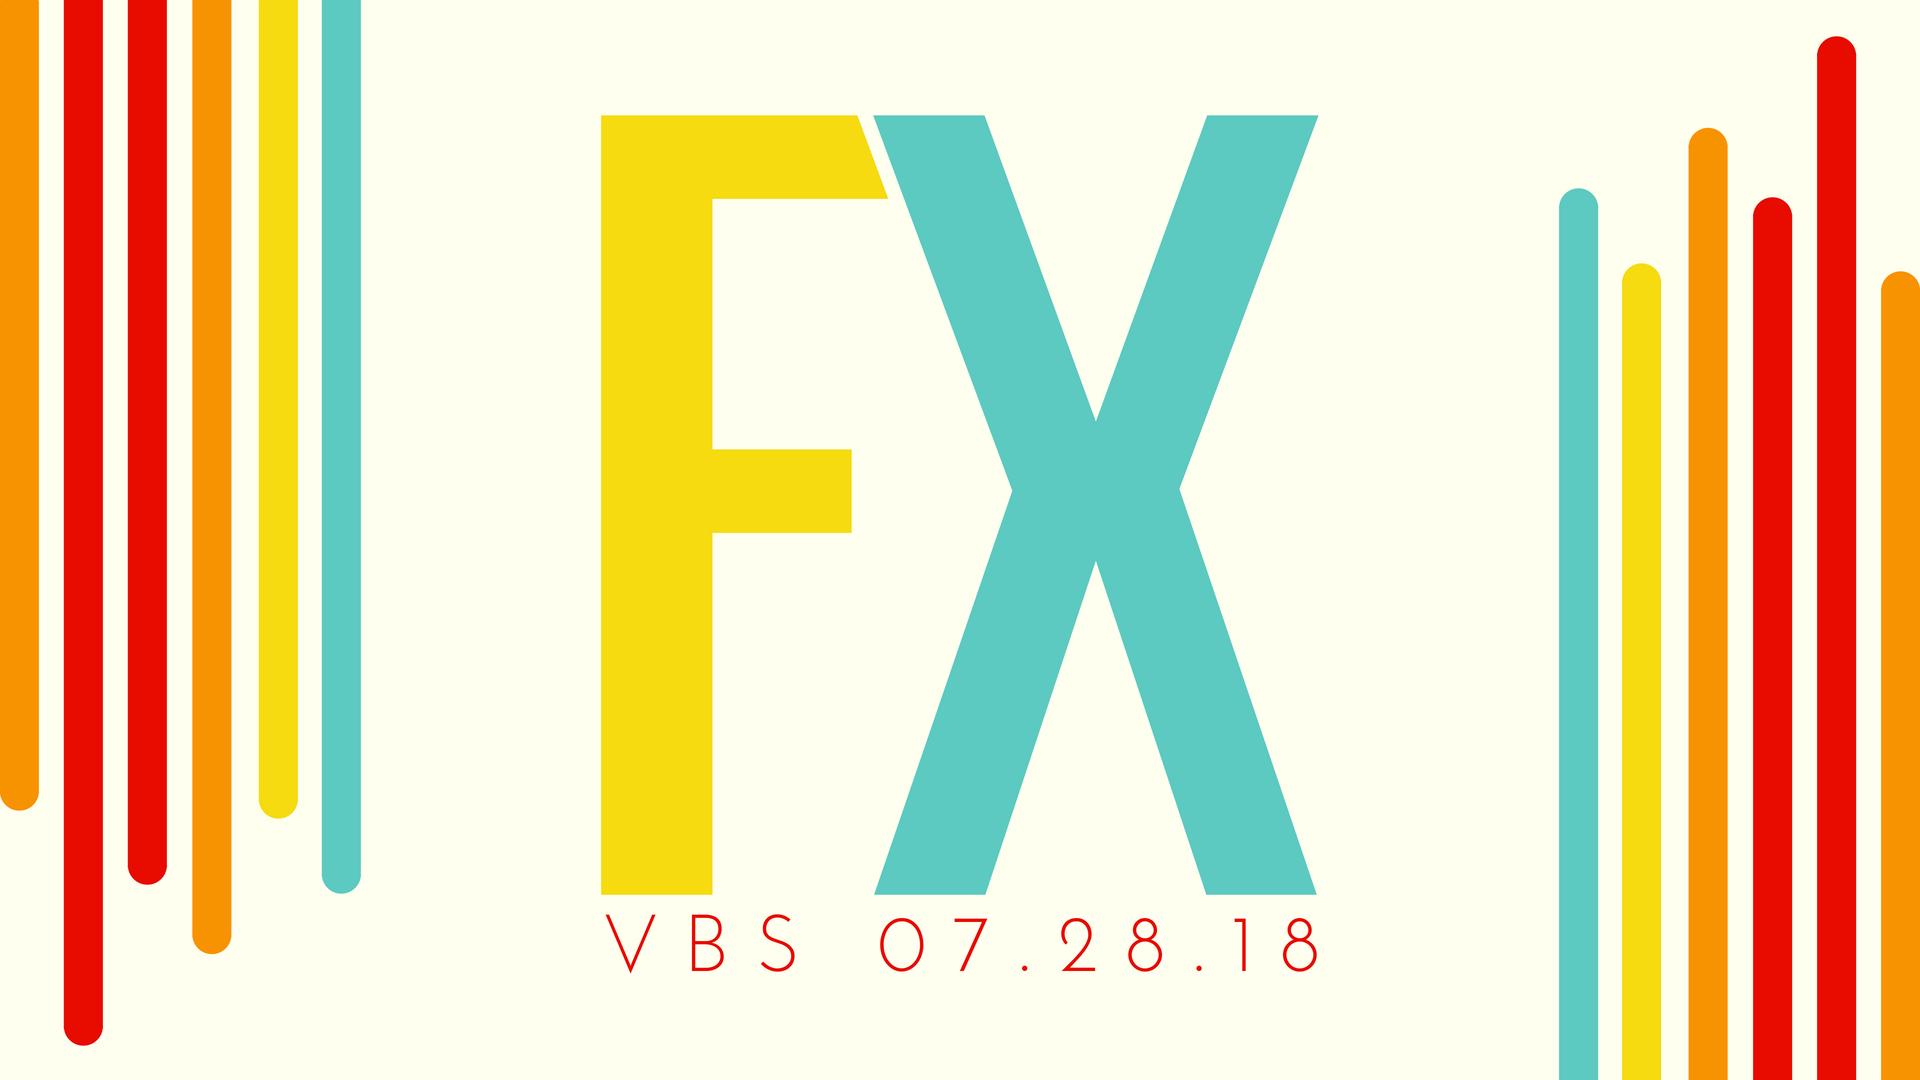 Fx vbs